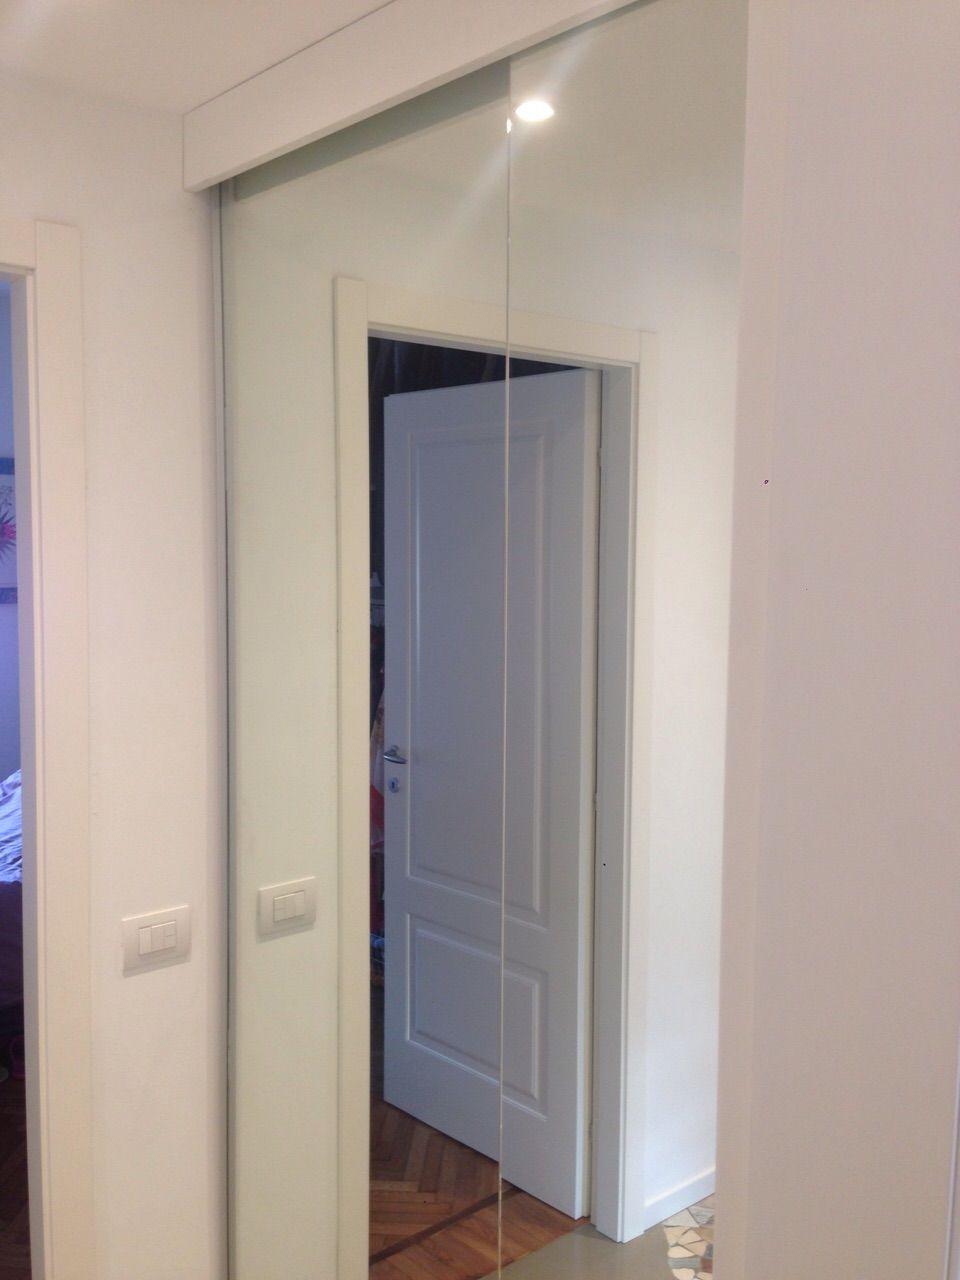 Cabina Armadio Con Ante A Specchio.Cabina Armadio Con Ante A Specchio Ristrutturazione Appartamento